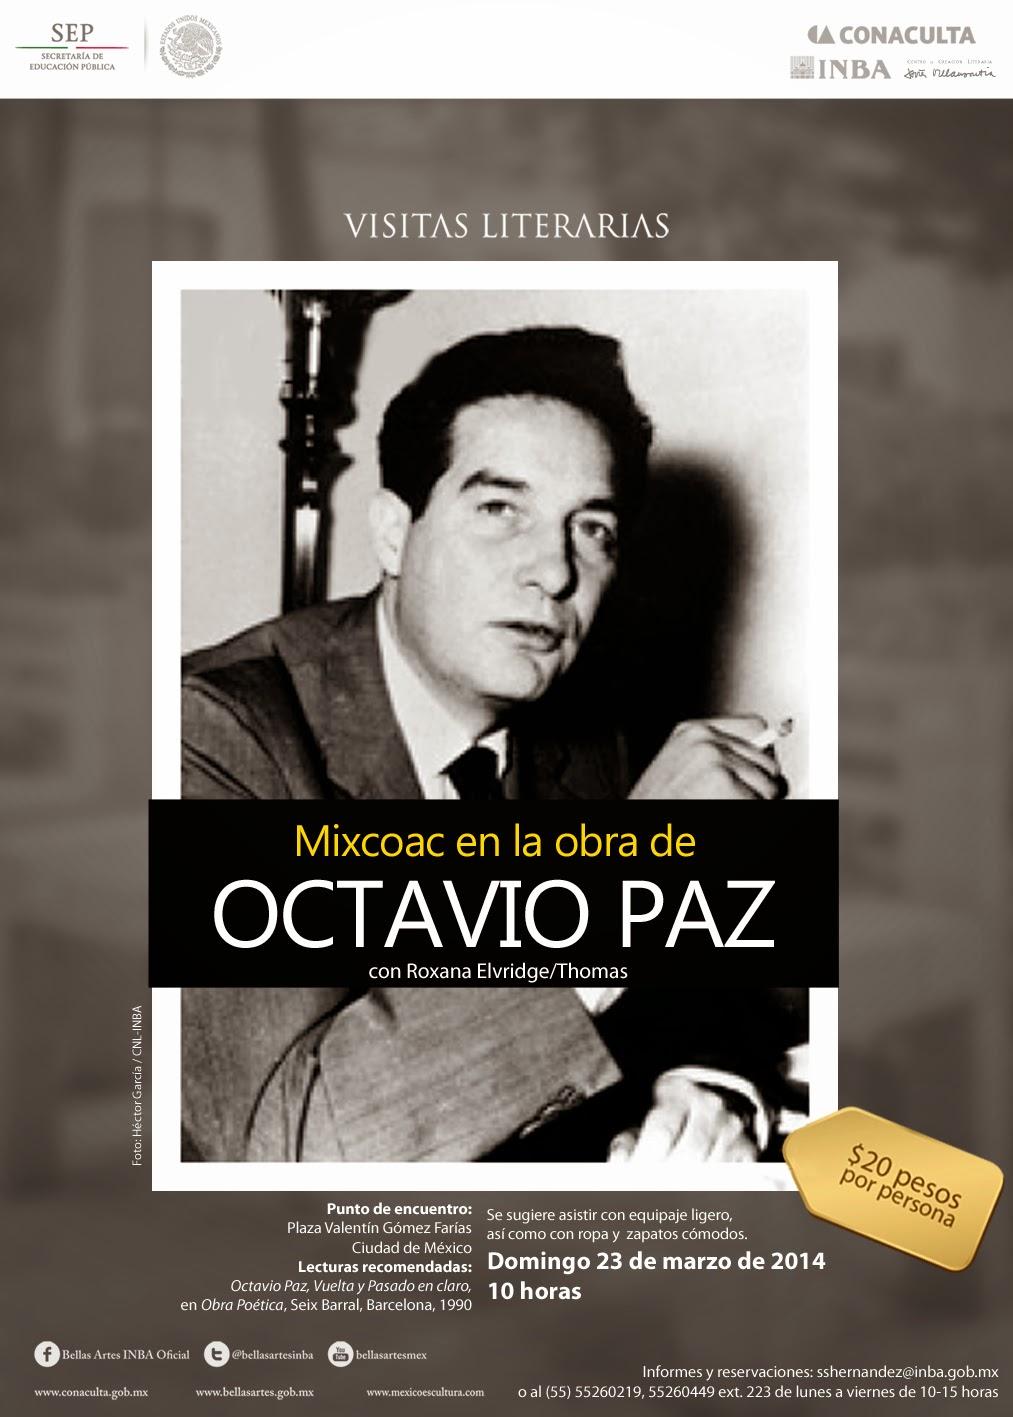 """Visita literaria """"Mixcoac en la obra de Octavio Paz"""" el próximo Domingo"""